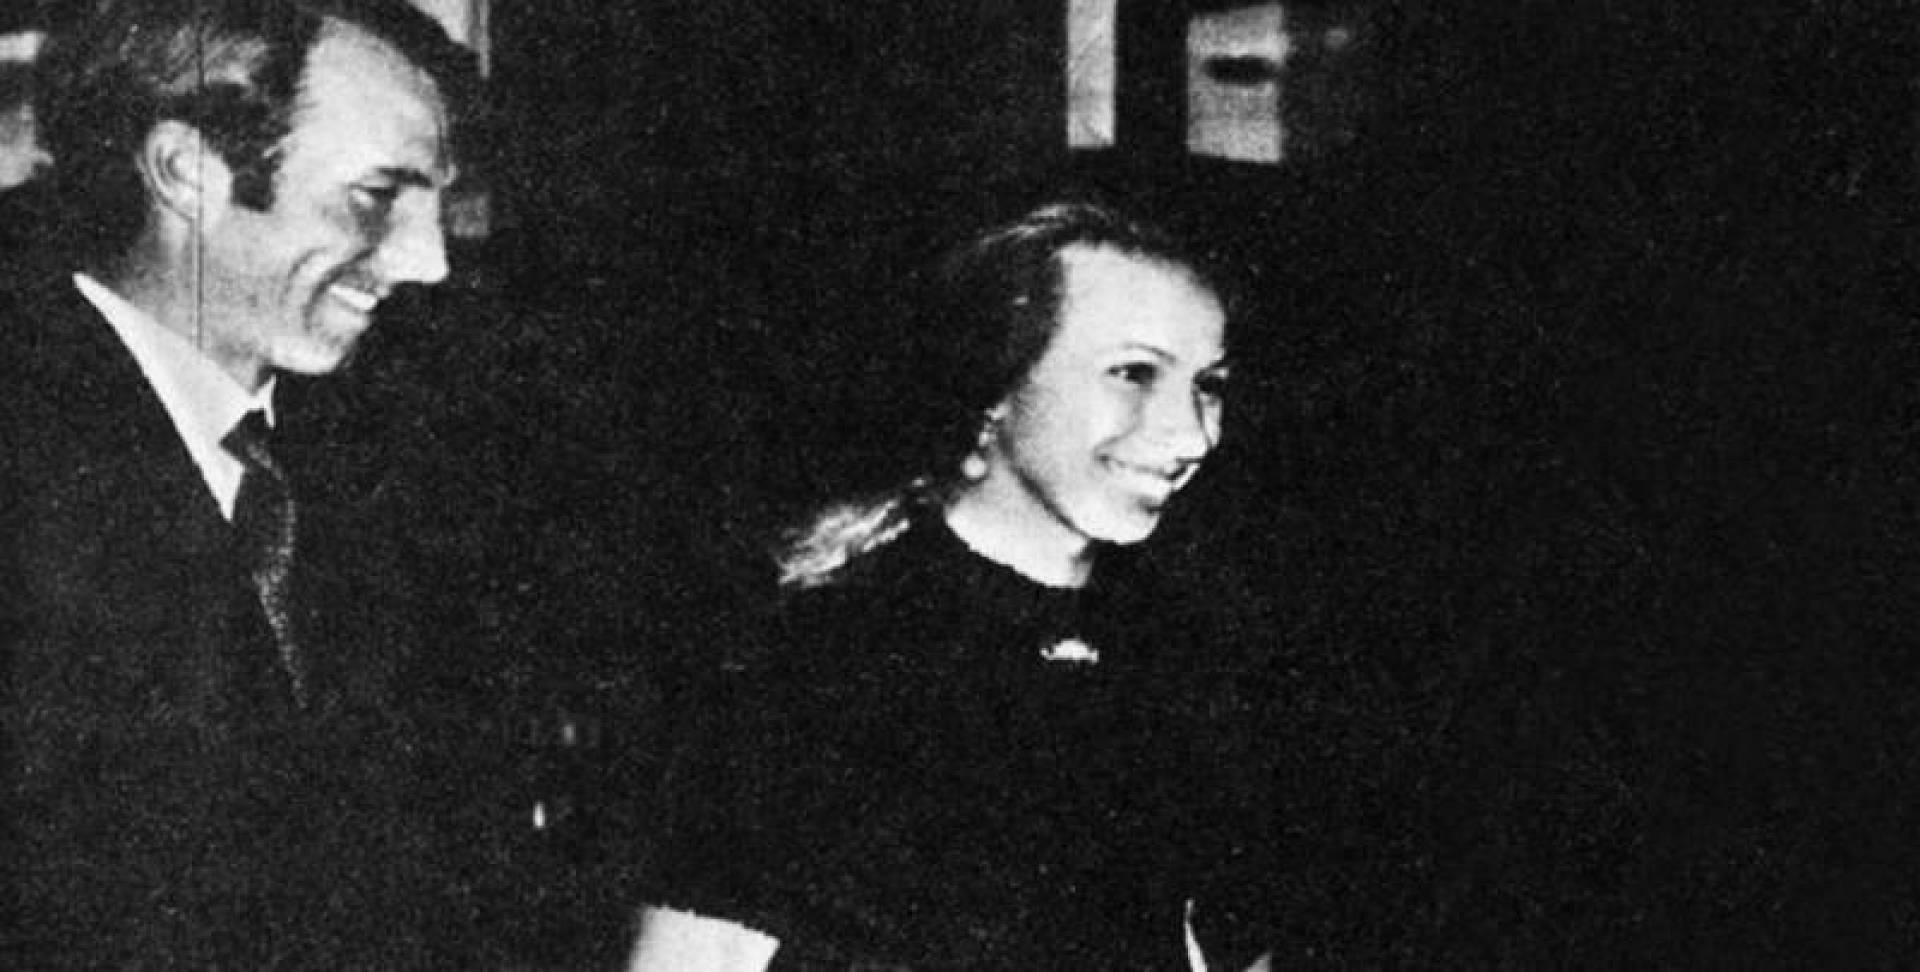 الأميرة آن وزوجها مارك فليبس قبل محاولة اغتياليهما وهما في طريقهما لحضور أحد الأفلام في لندن.. أرشيفية